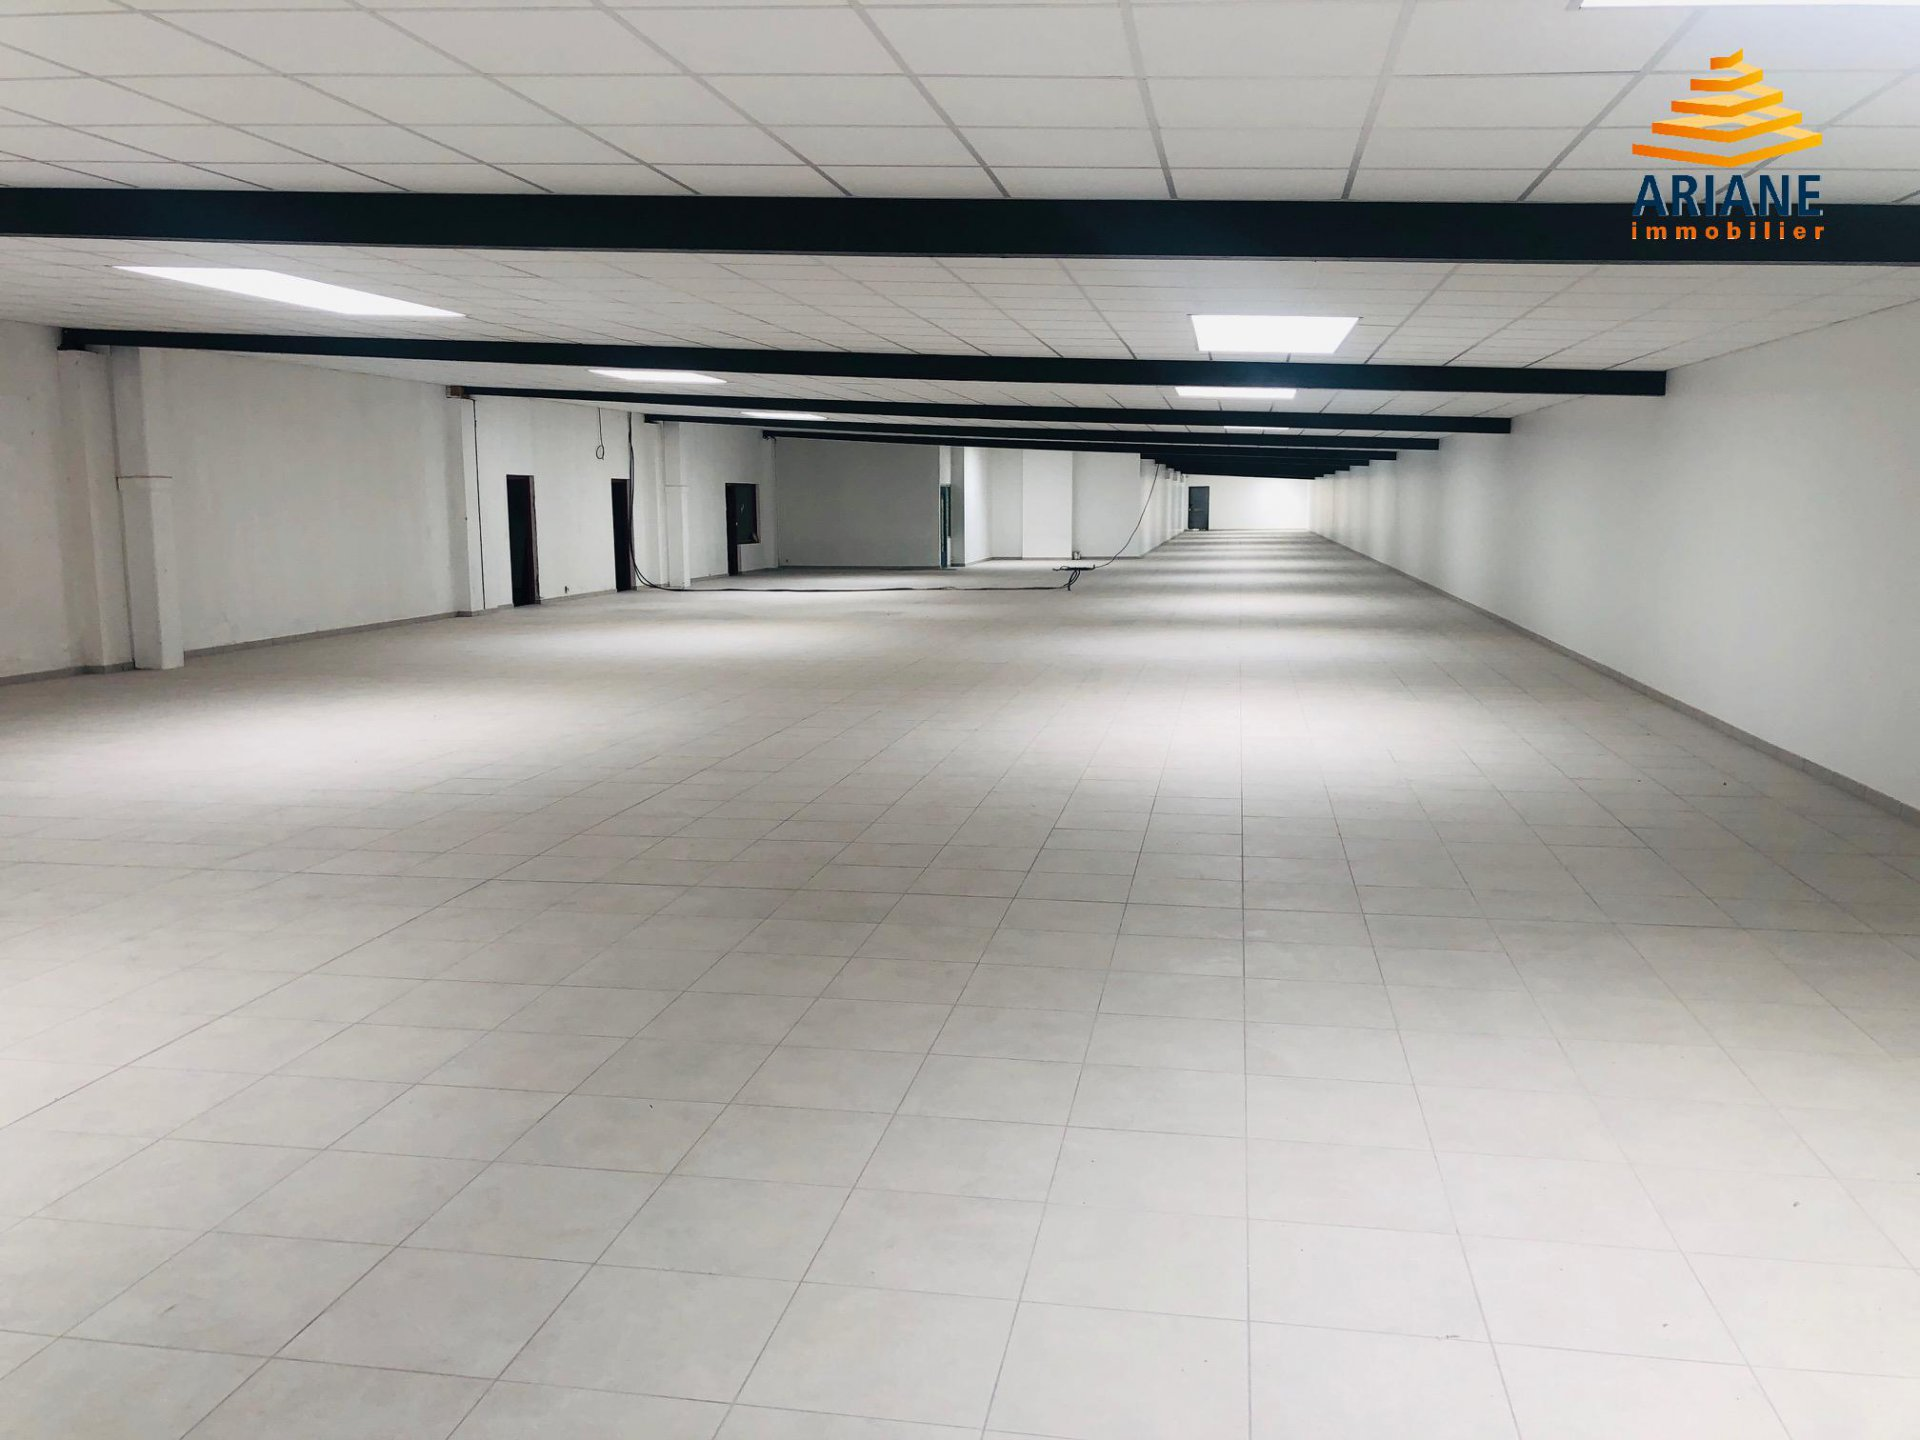 Bureaux divisibles à partir de 250 m2